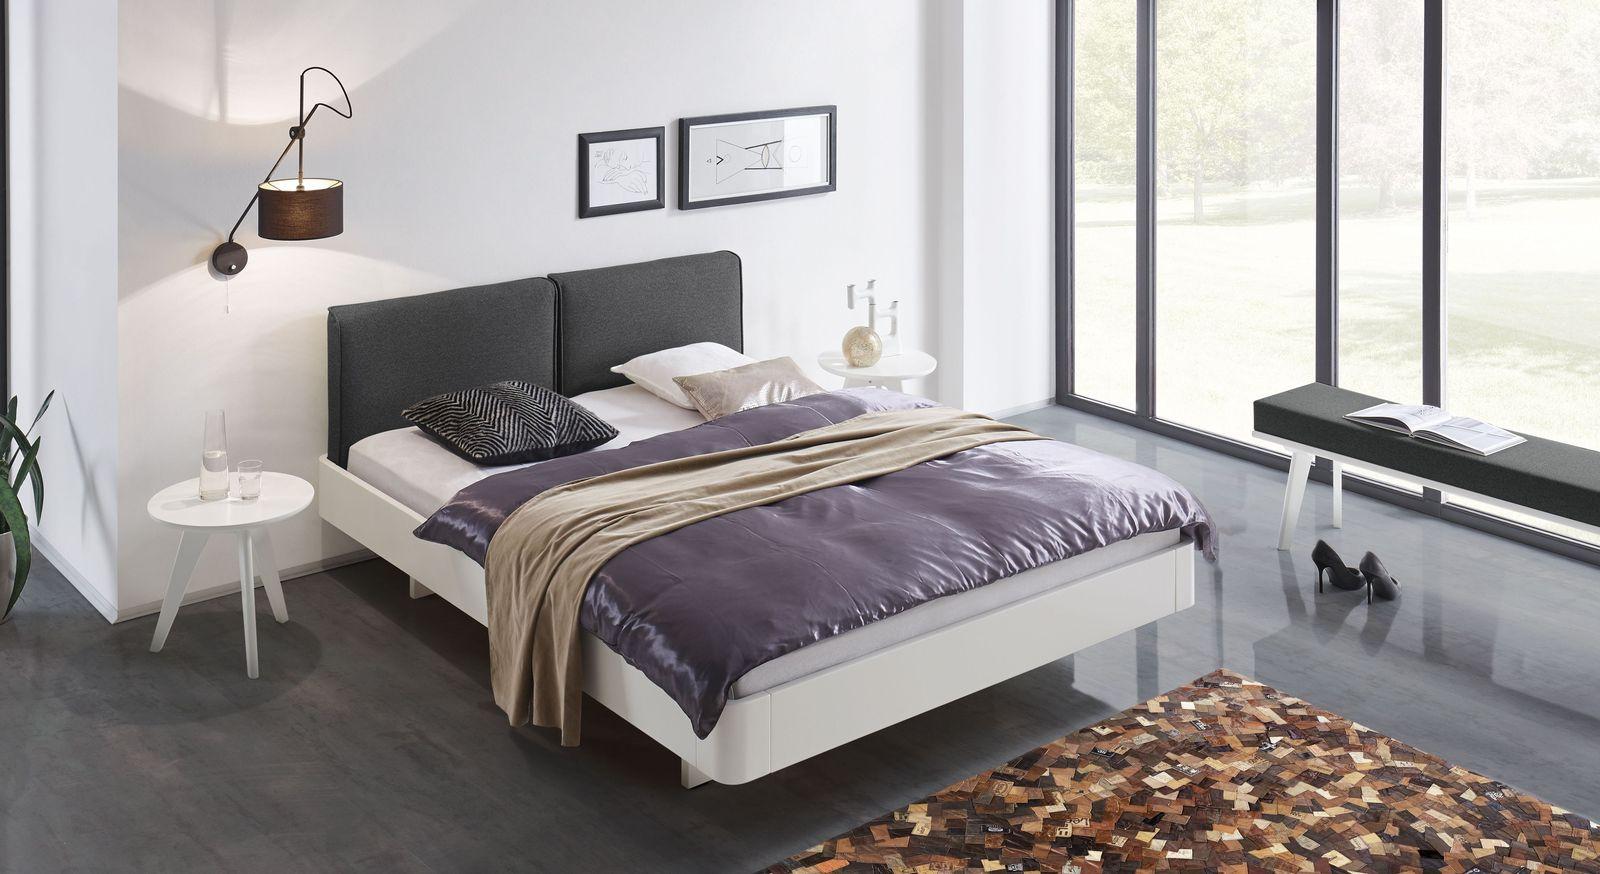 wei es schwebebett aus buche mit gepolstertem kopfteil iraklia. Black Bedroom Furniture Sets. Home Design Ideas